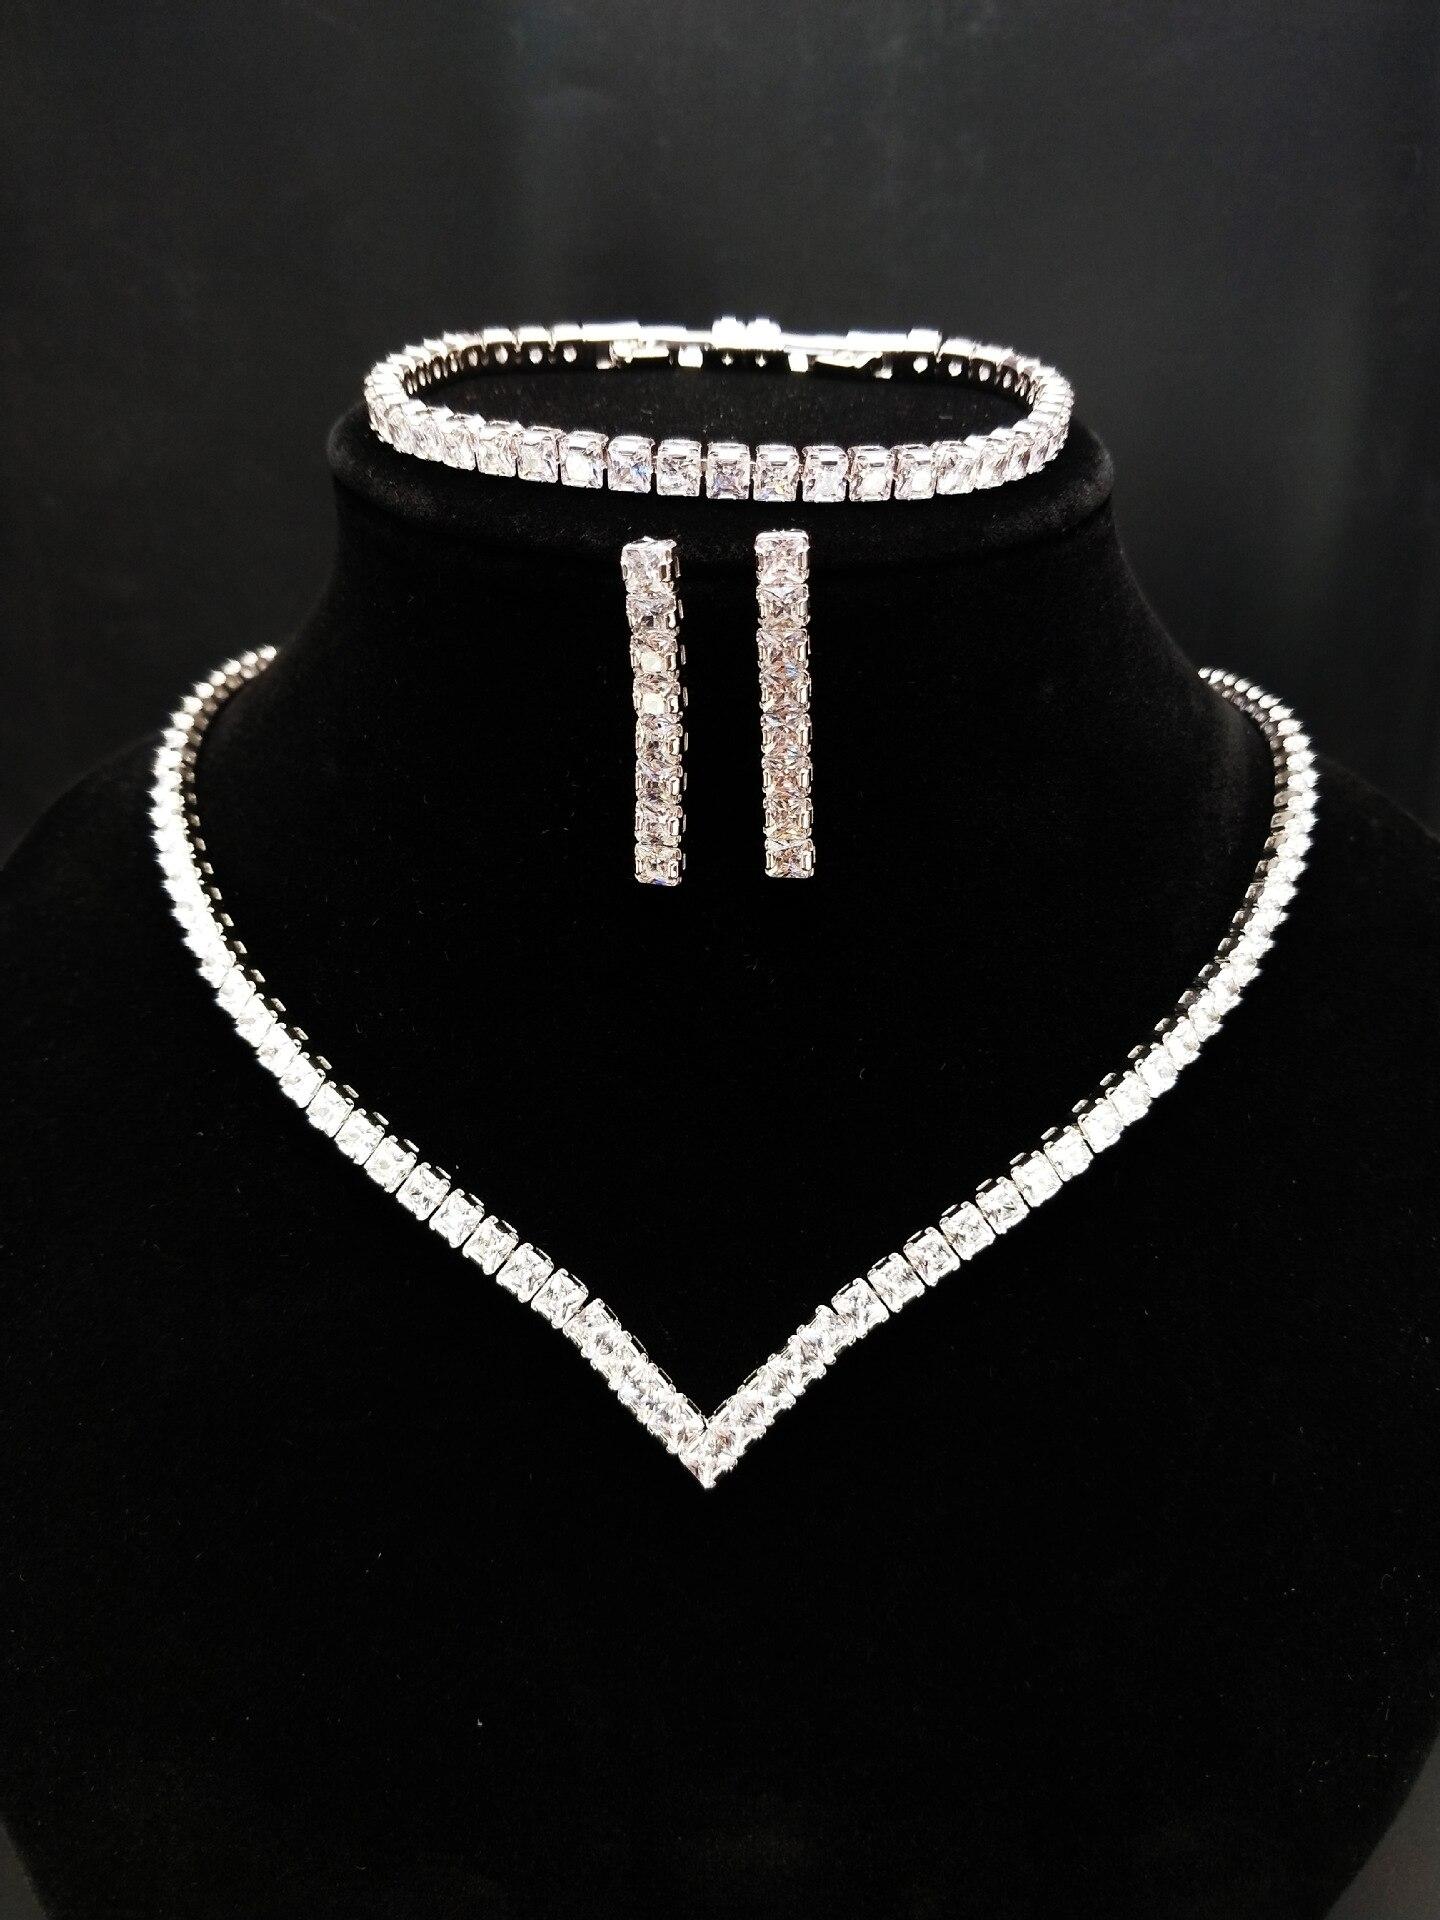 wedding jewelry sets cubic zircon Luxury earrings chokers necklace charm bracelet earrings 3pcs trendy bridal jewelry sets